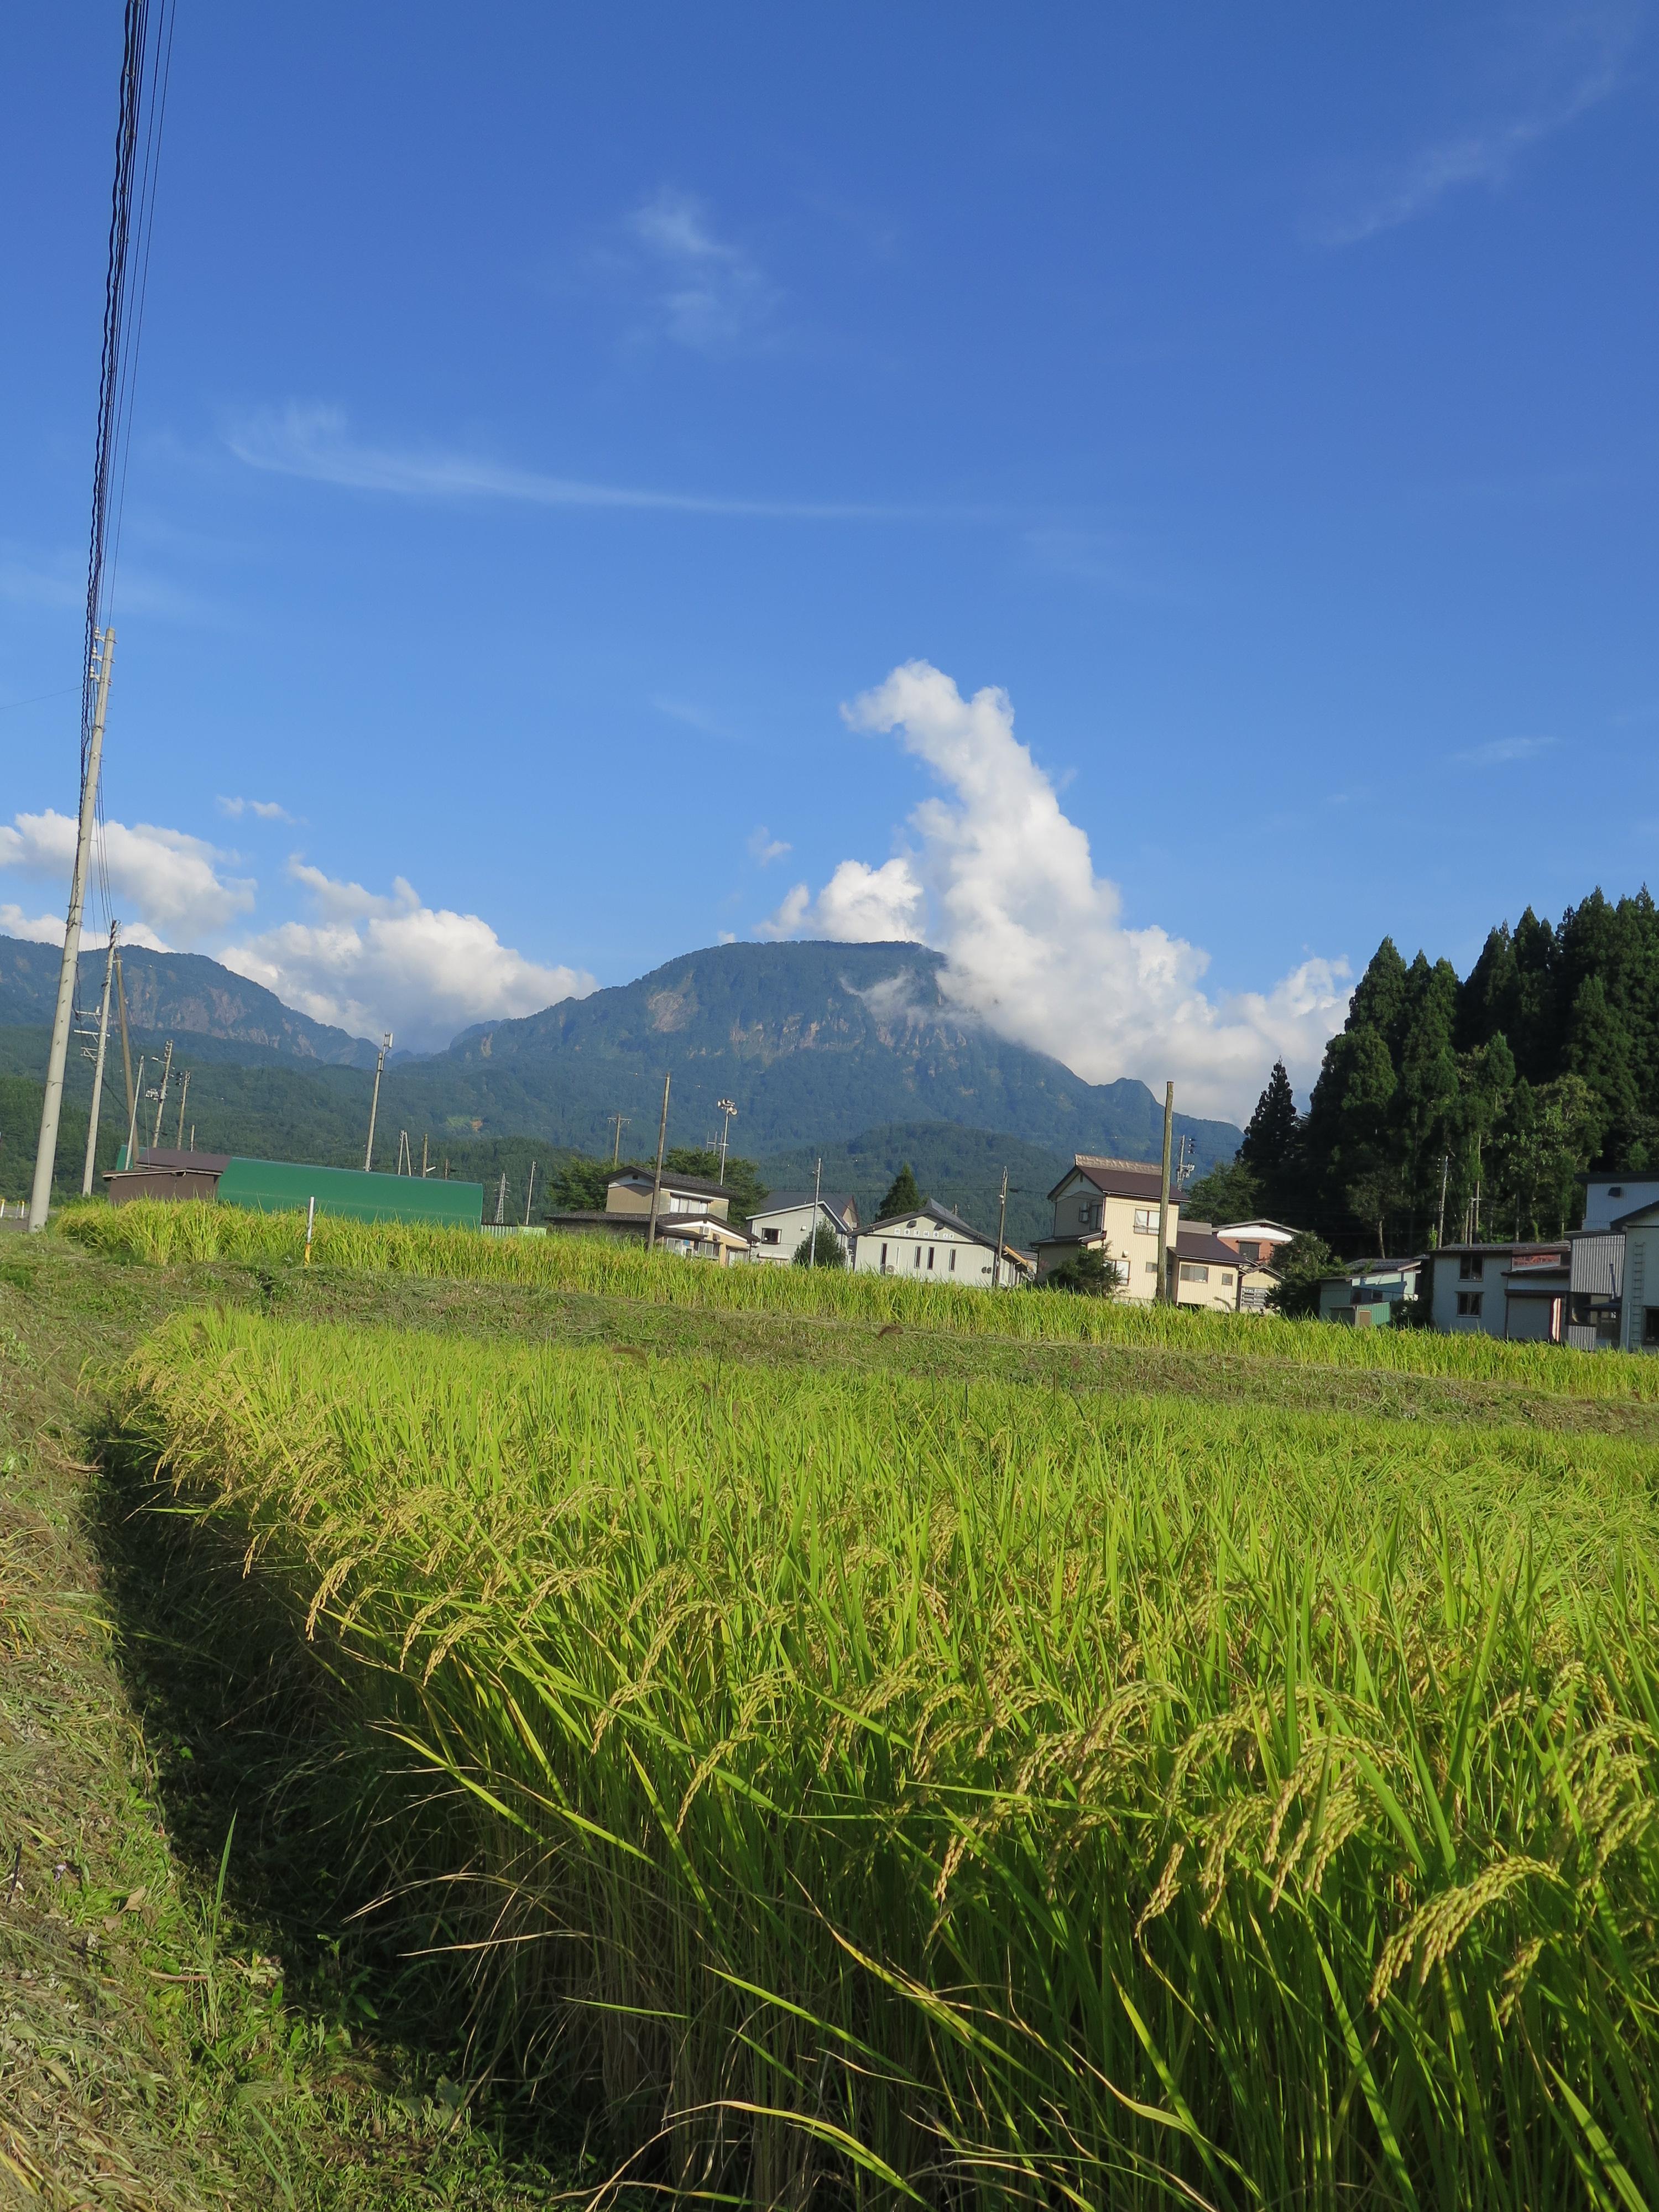 『田舎移住』が確信に変わったのは、うつ病と『もうひとつのふるさと・新潟県』の存在